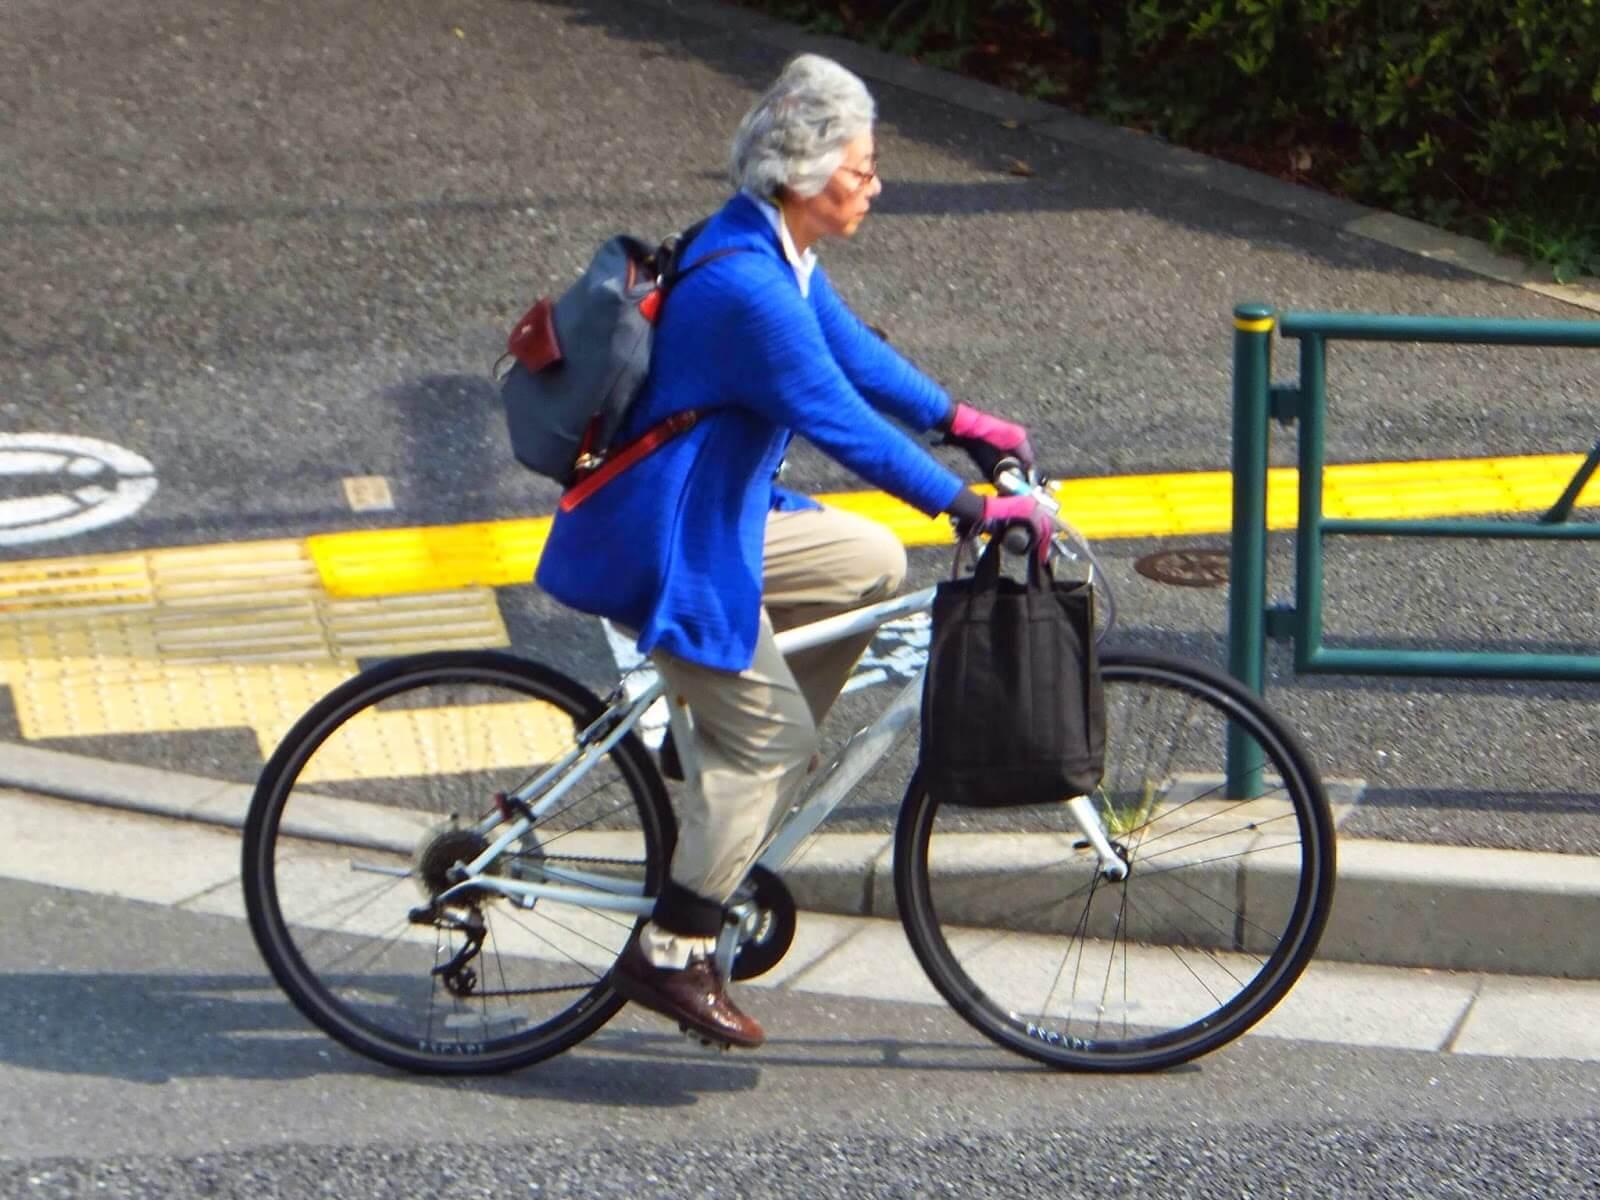 Jepang Promosikan Budaya Bersepeda Dalam Kampanye Ramah Lingkungan